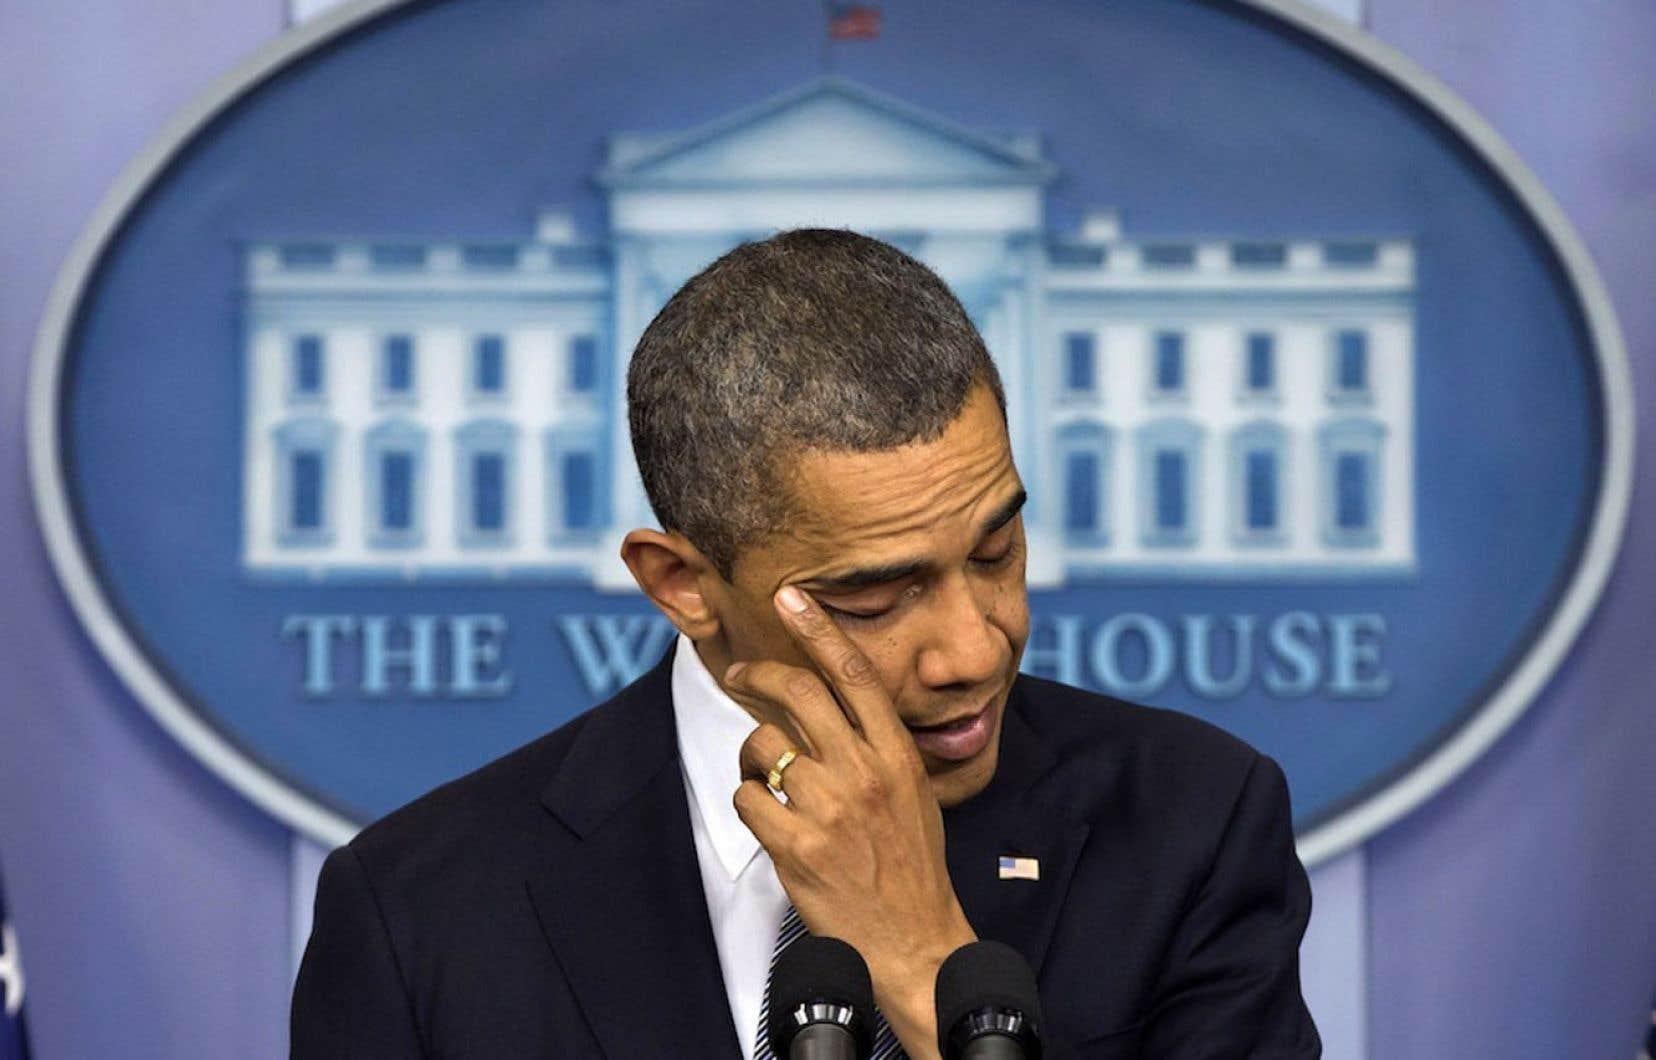 Barack Obama s'est brièvement adressé à la nation en milieu d'après-midi, lors d'un discours émotif.